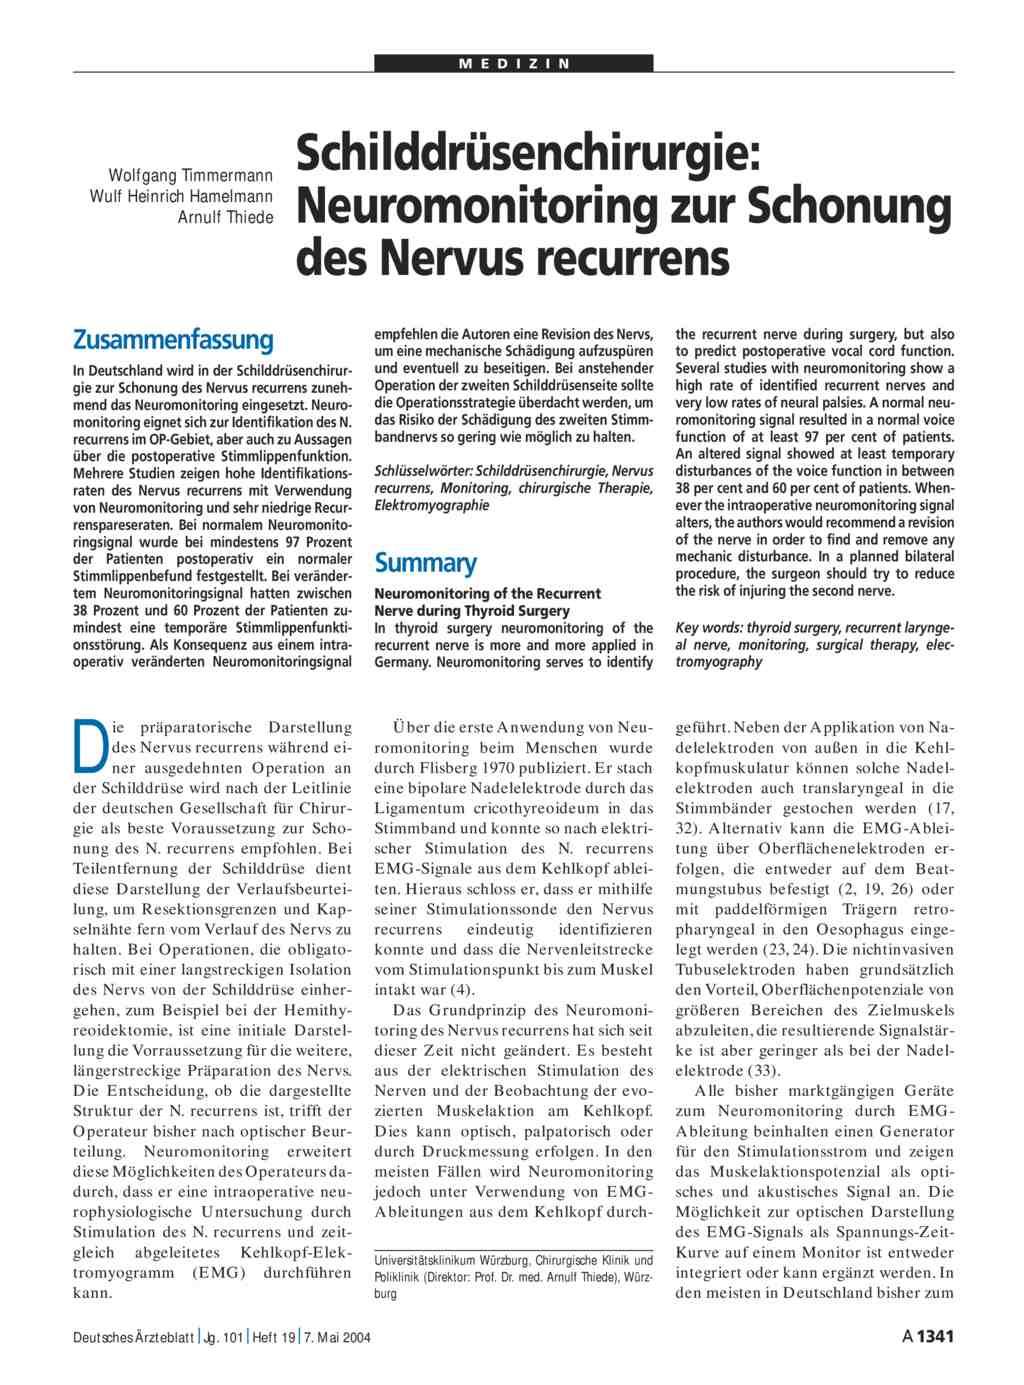 Schilddrüsenchirurgie: Neuromonitoring zur Schonung des Nervus recurrens